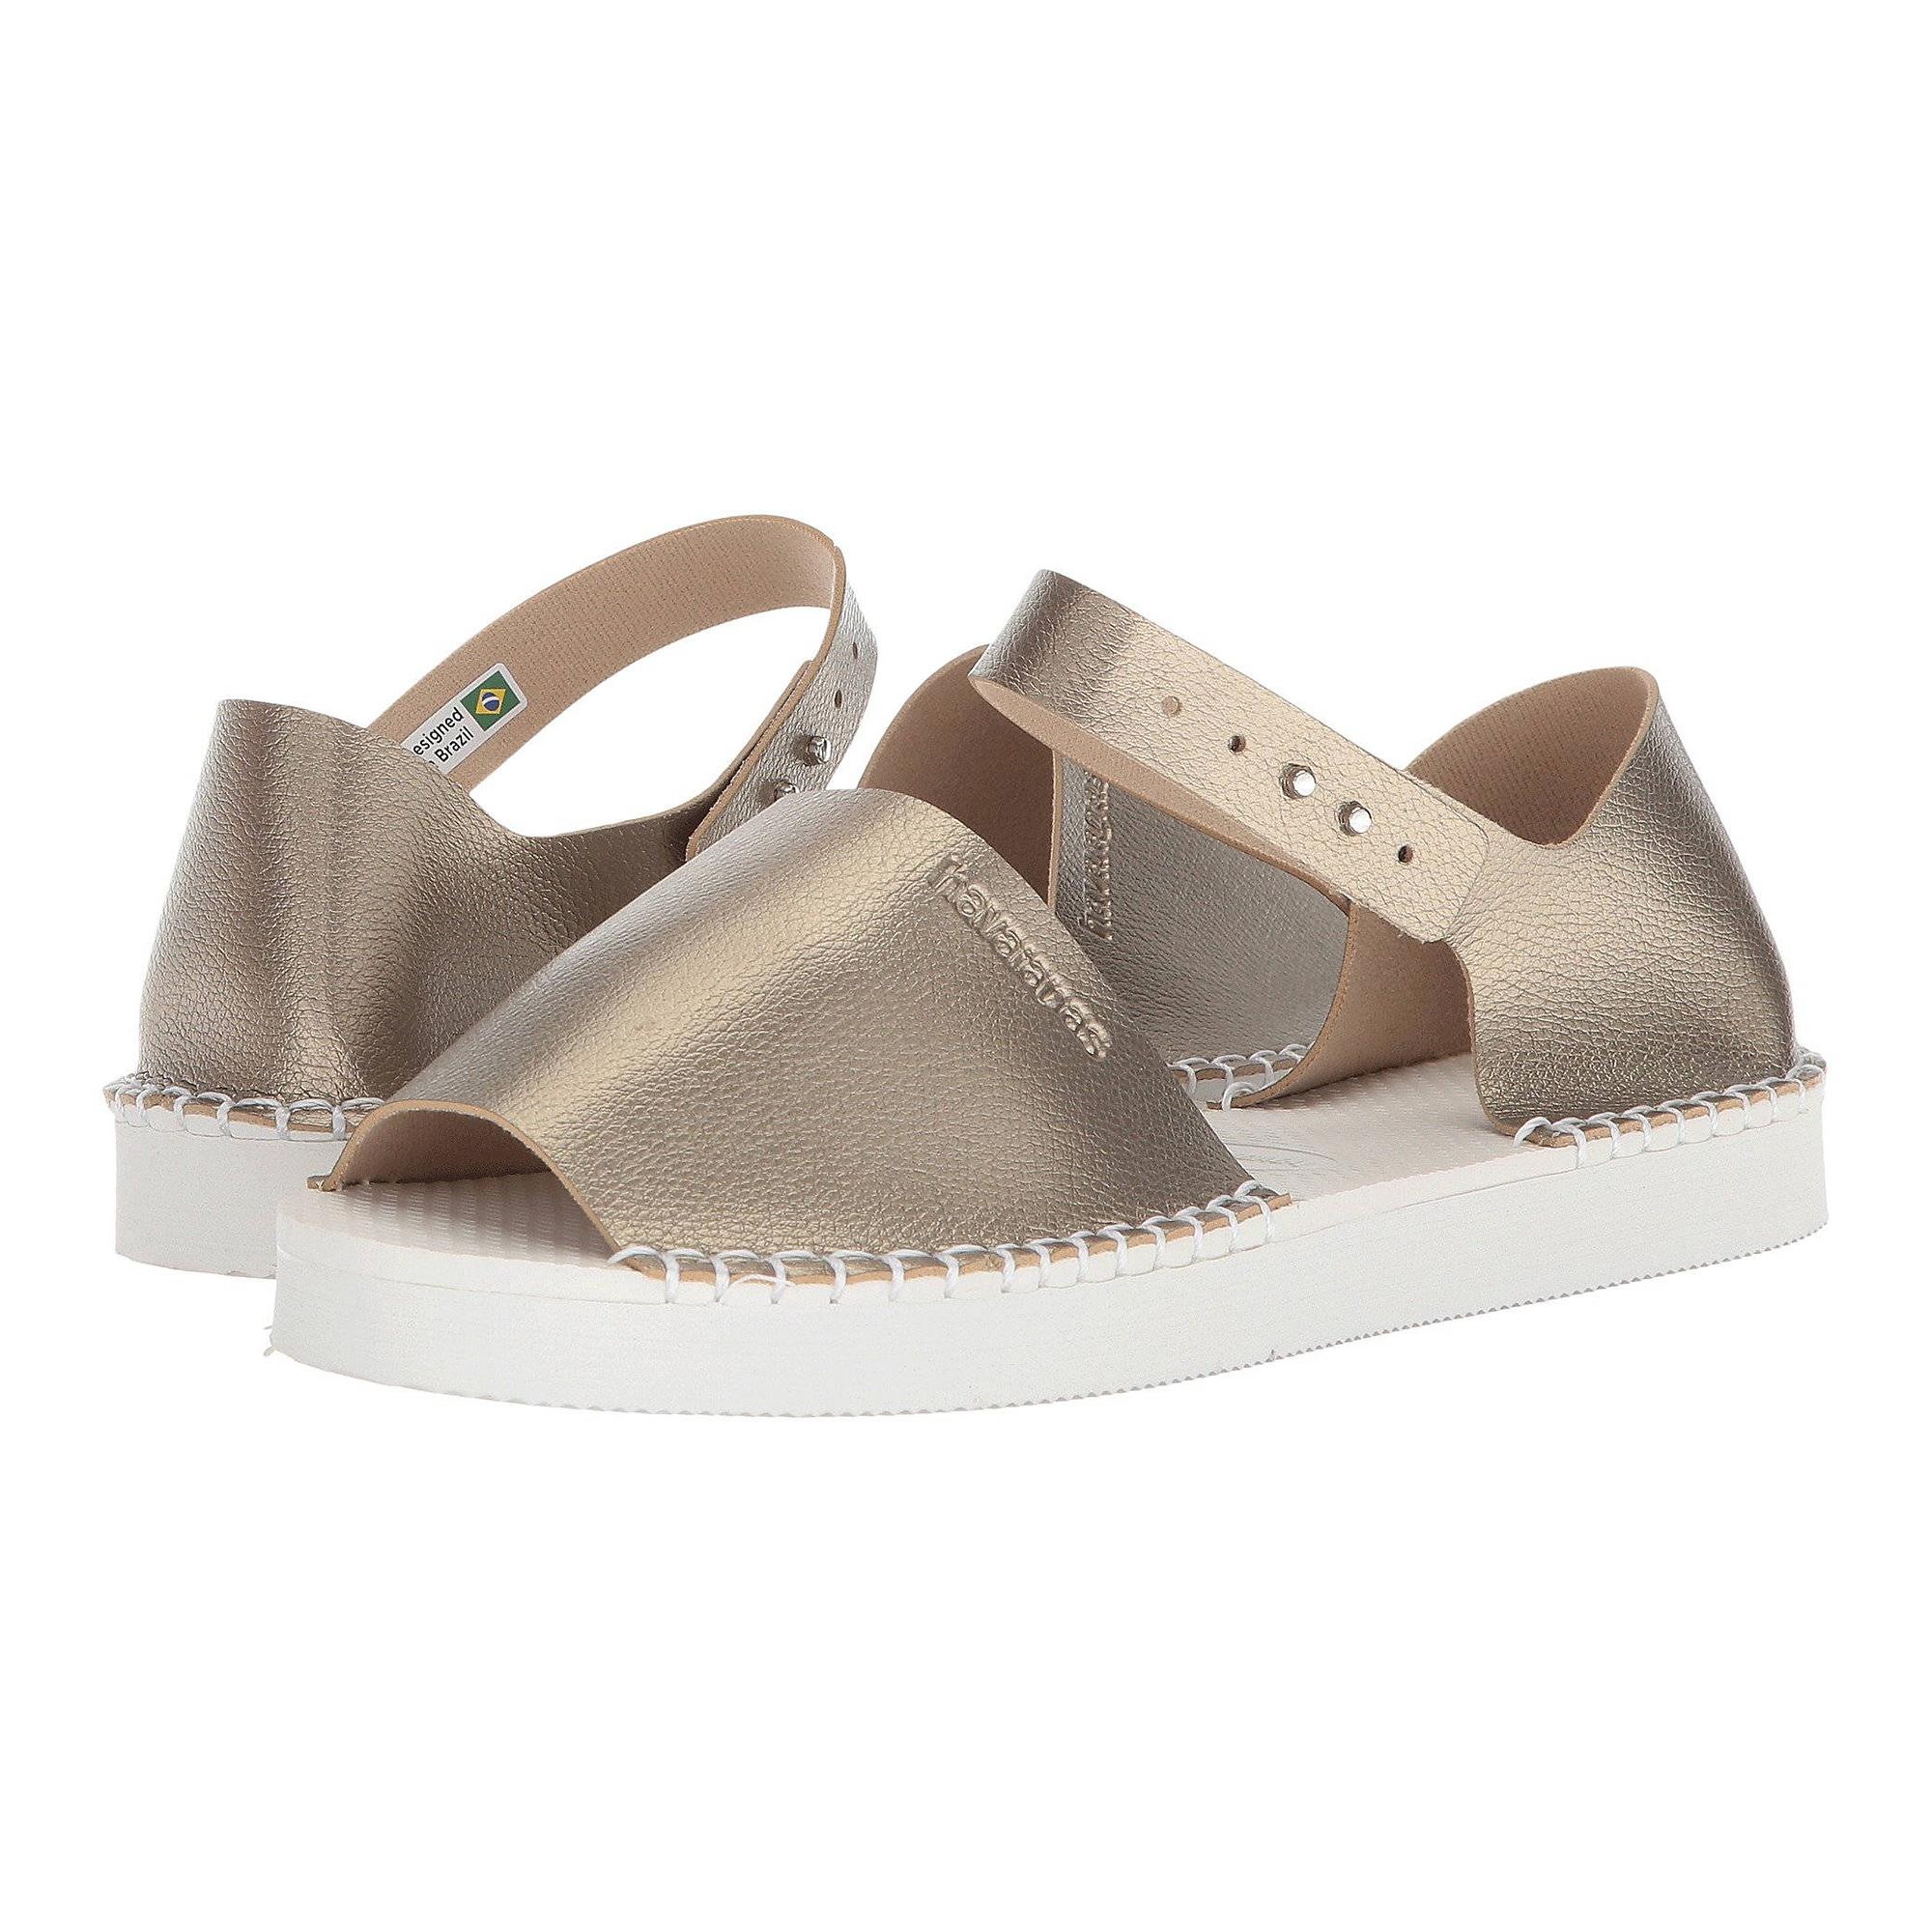 Havaianas Women's Flatform Fashion Flop Soul Shoes Golden